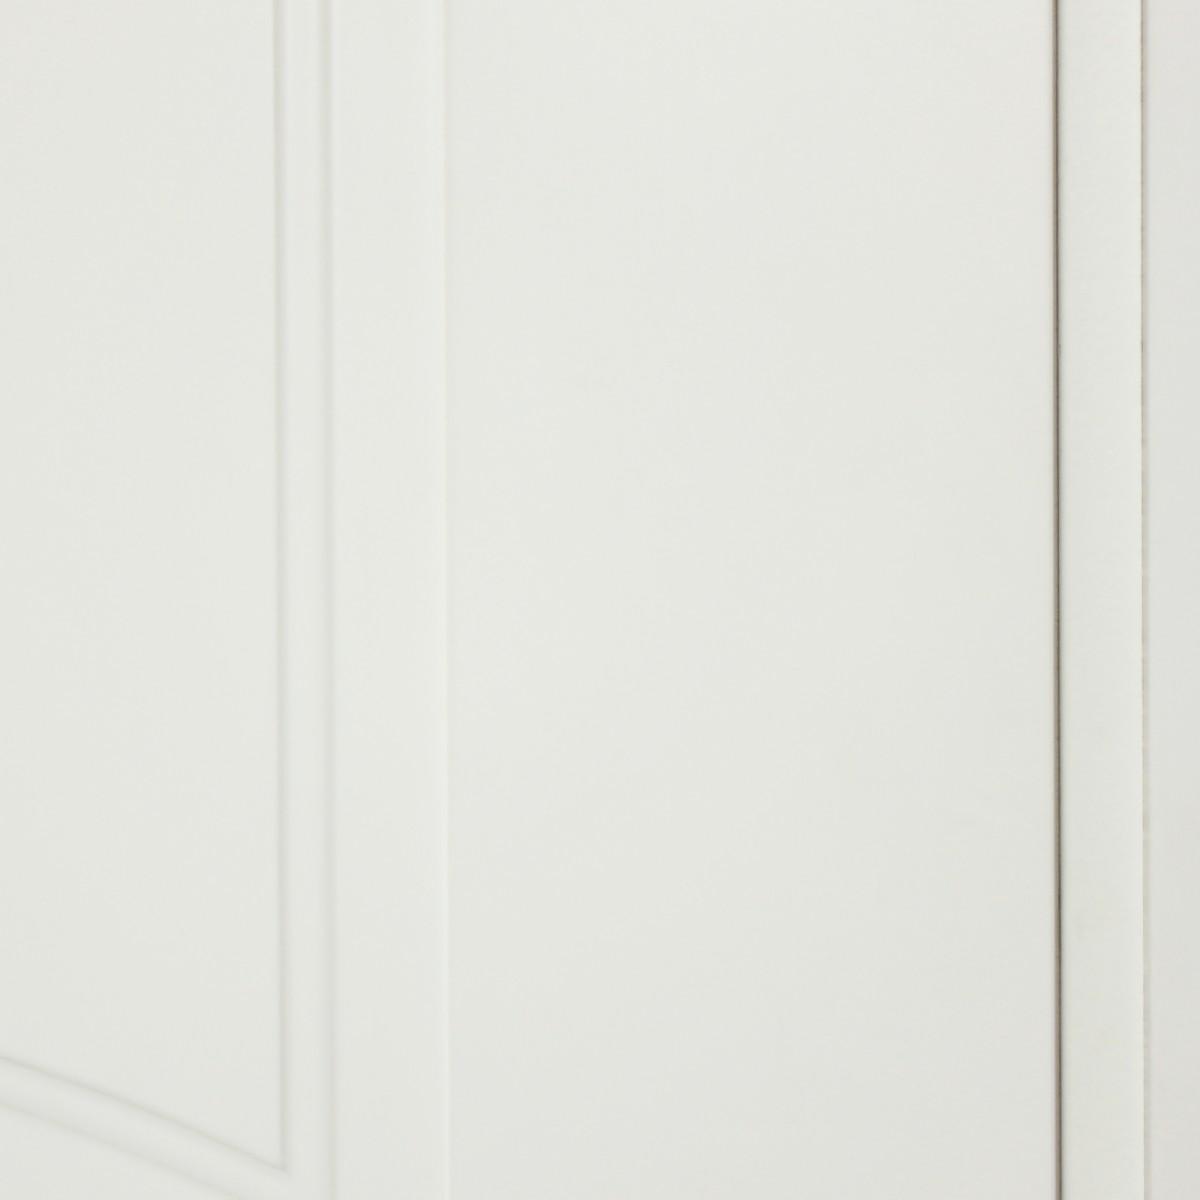 Дверь Межкомнатная Глухая Дэлия 80x200 Цвет Белый